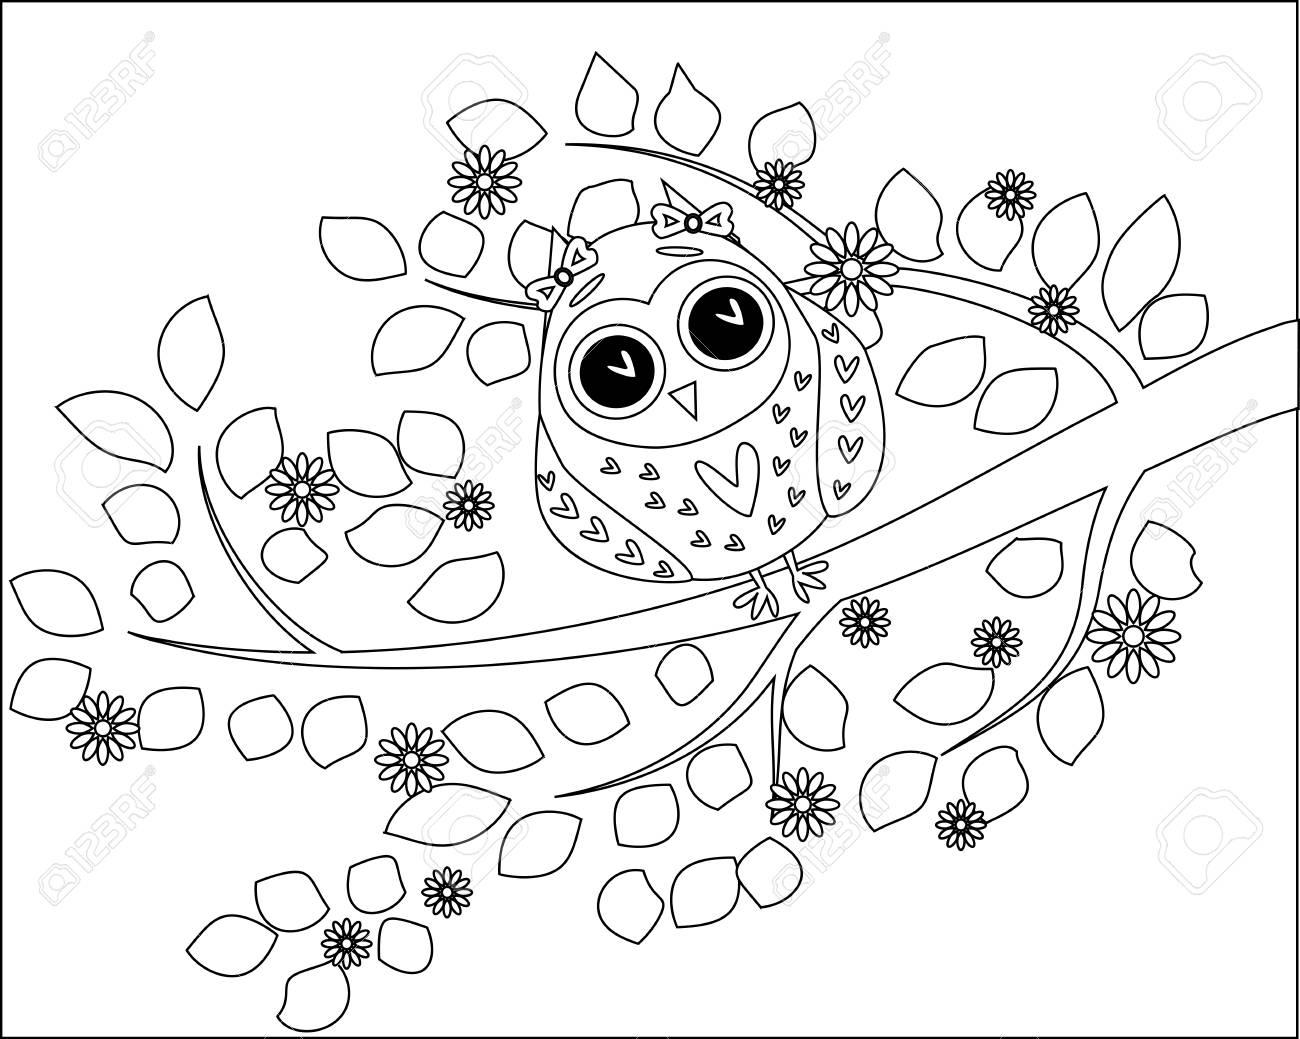 Libro Para Colorear Para Adultos Y Niños Mayores Colorear La Página Con El Gato Y El Carácter Del Zentangle Dibujo Del Arte En El Estilo Zentangle